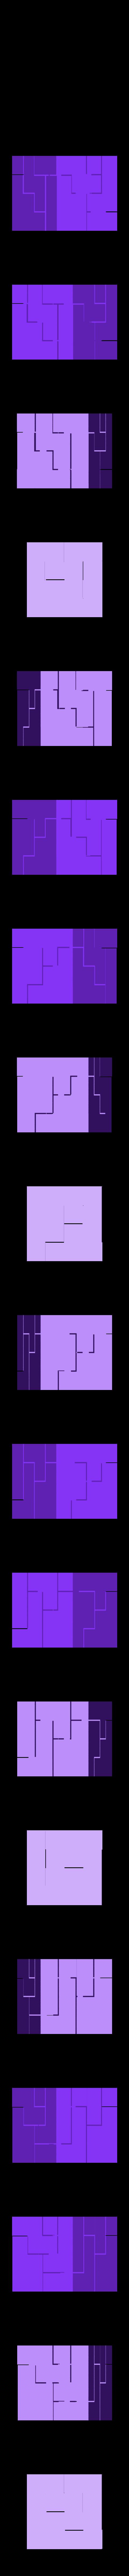 mini_puzzlecube_assembled.stl Télécharger fichier STL gratuit Mini Puzzle Cube Impossible • Objet pour imprimante 3D, Balkhagal4D